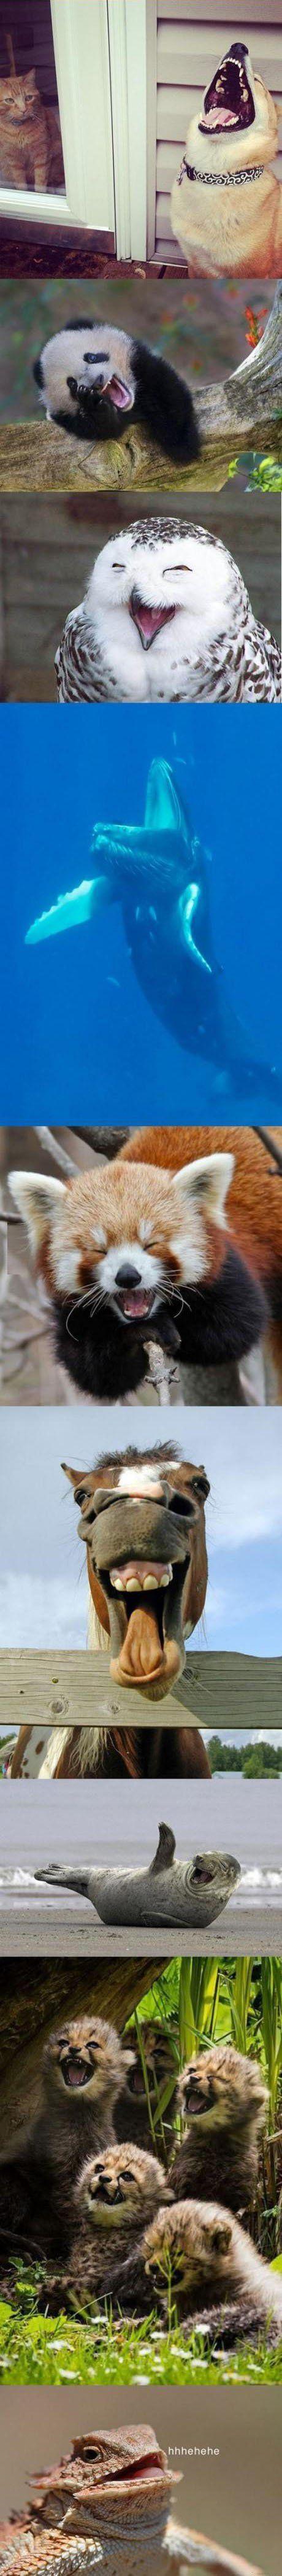 Wenn Tiere Happy sind